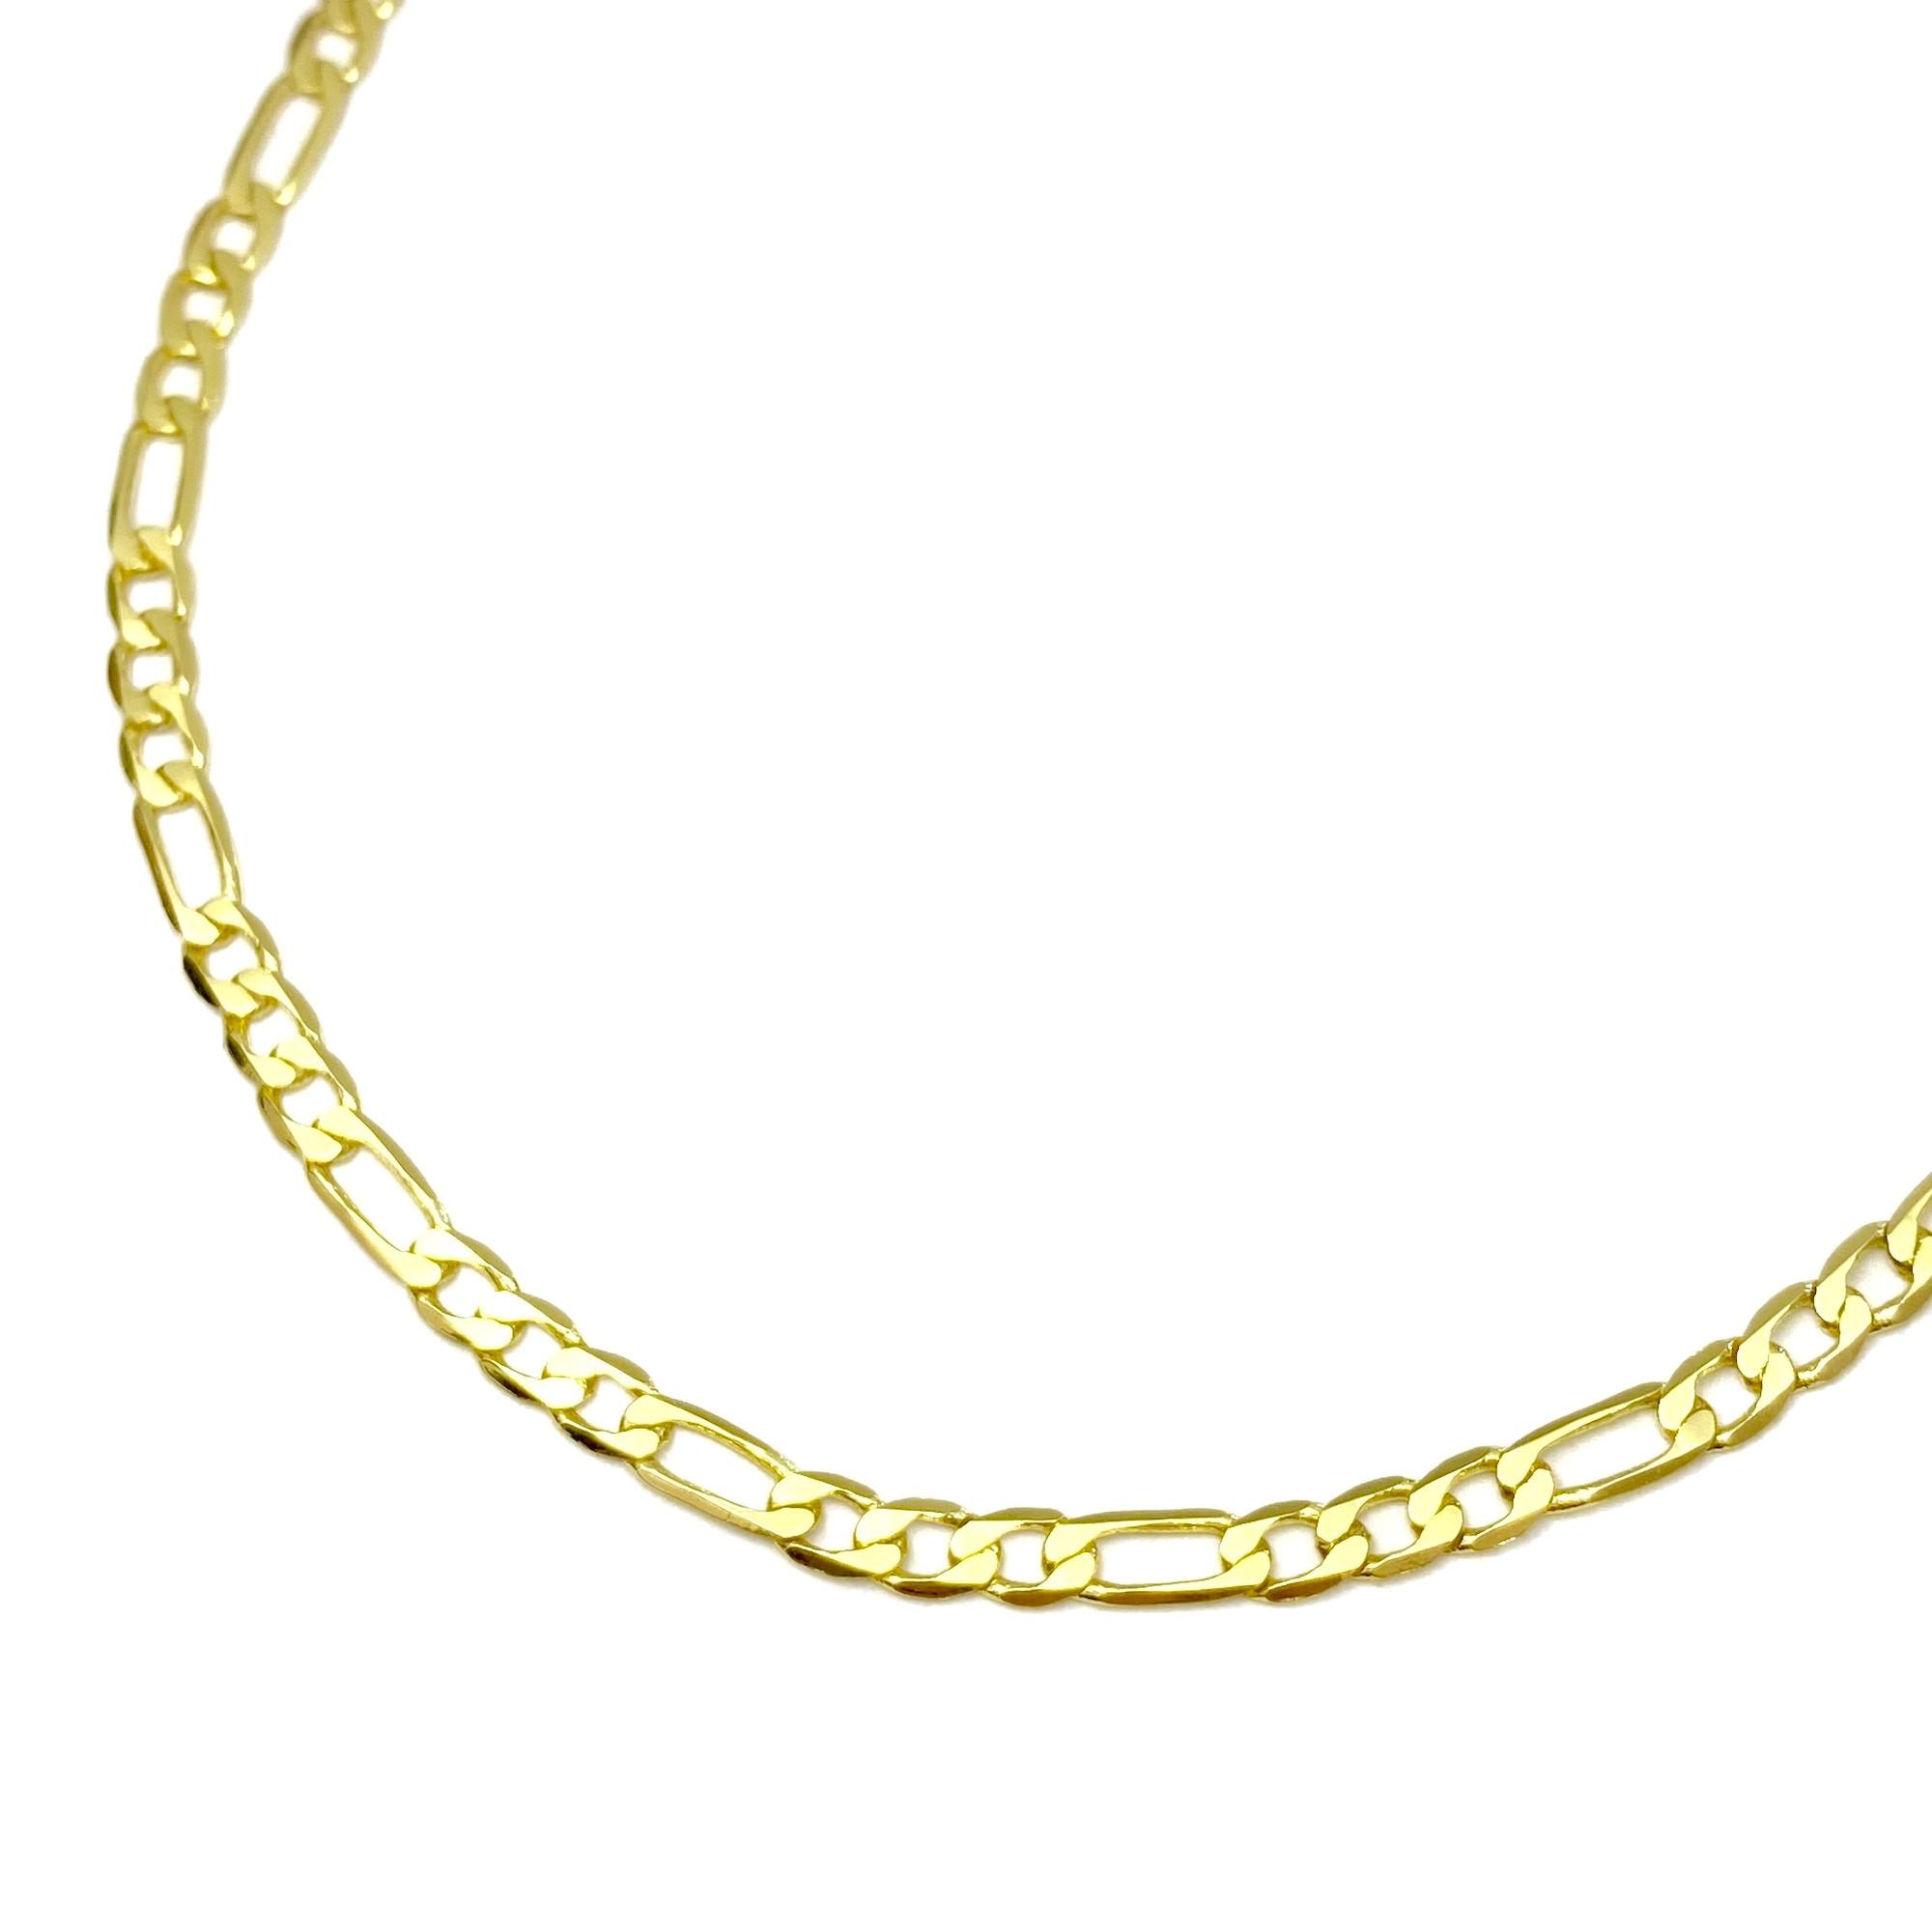 Corrente 3 por 1 3mm 60cm 5,8g (Fecho Gaveta) (Banho Ouro 24k)